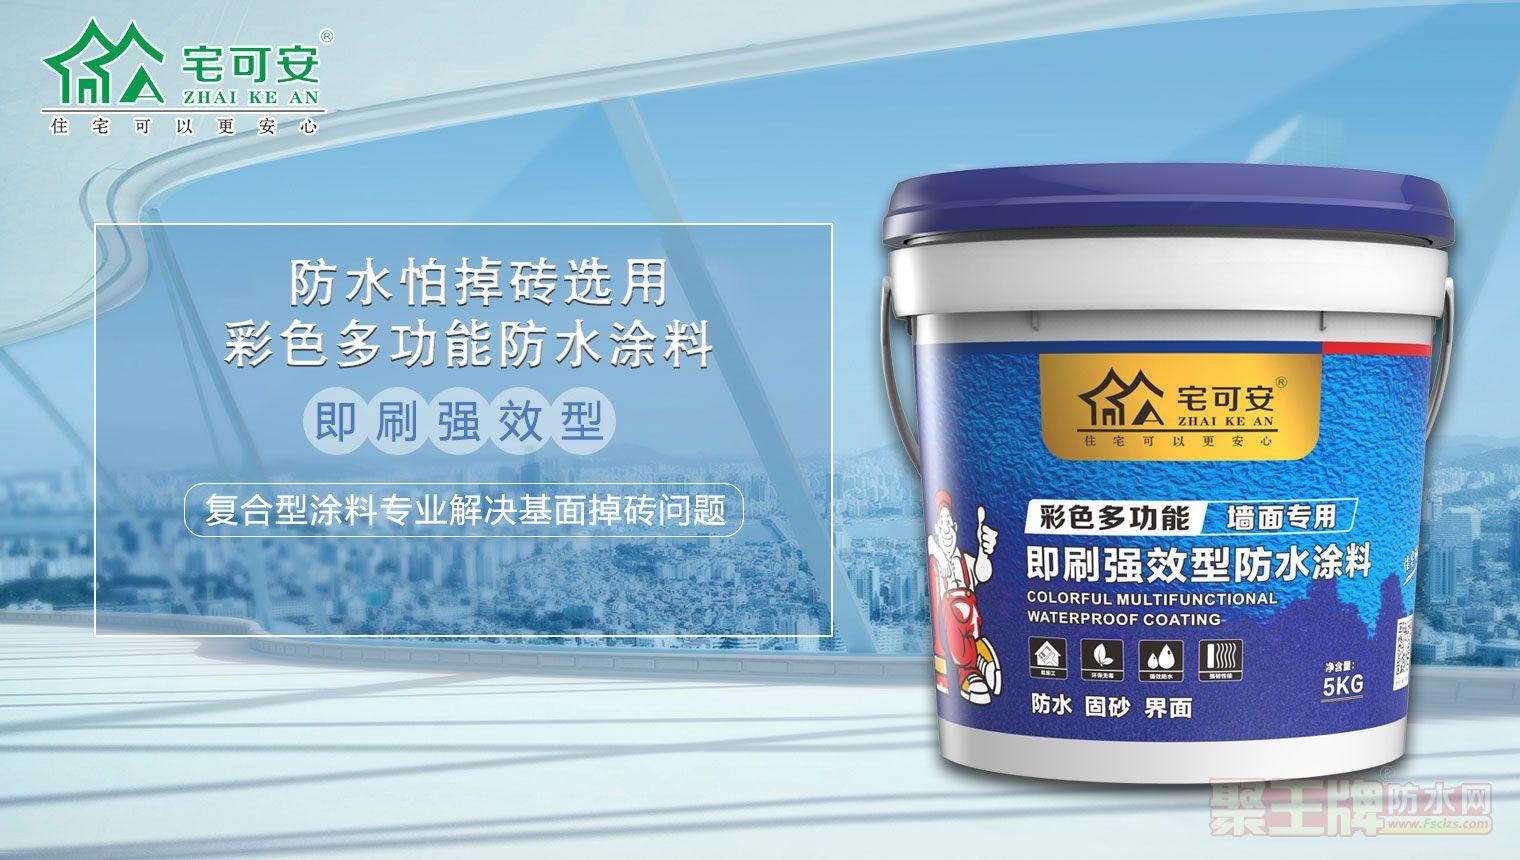 三效合一新型防水涂料-宅可安即刷强效防水涂料